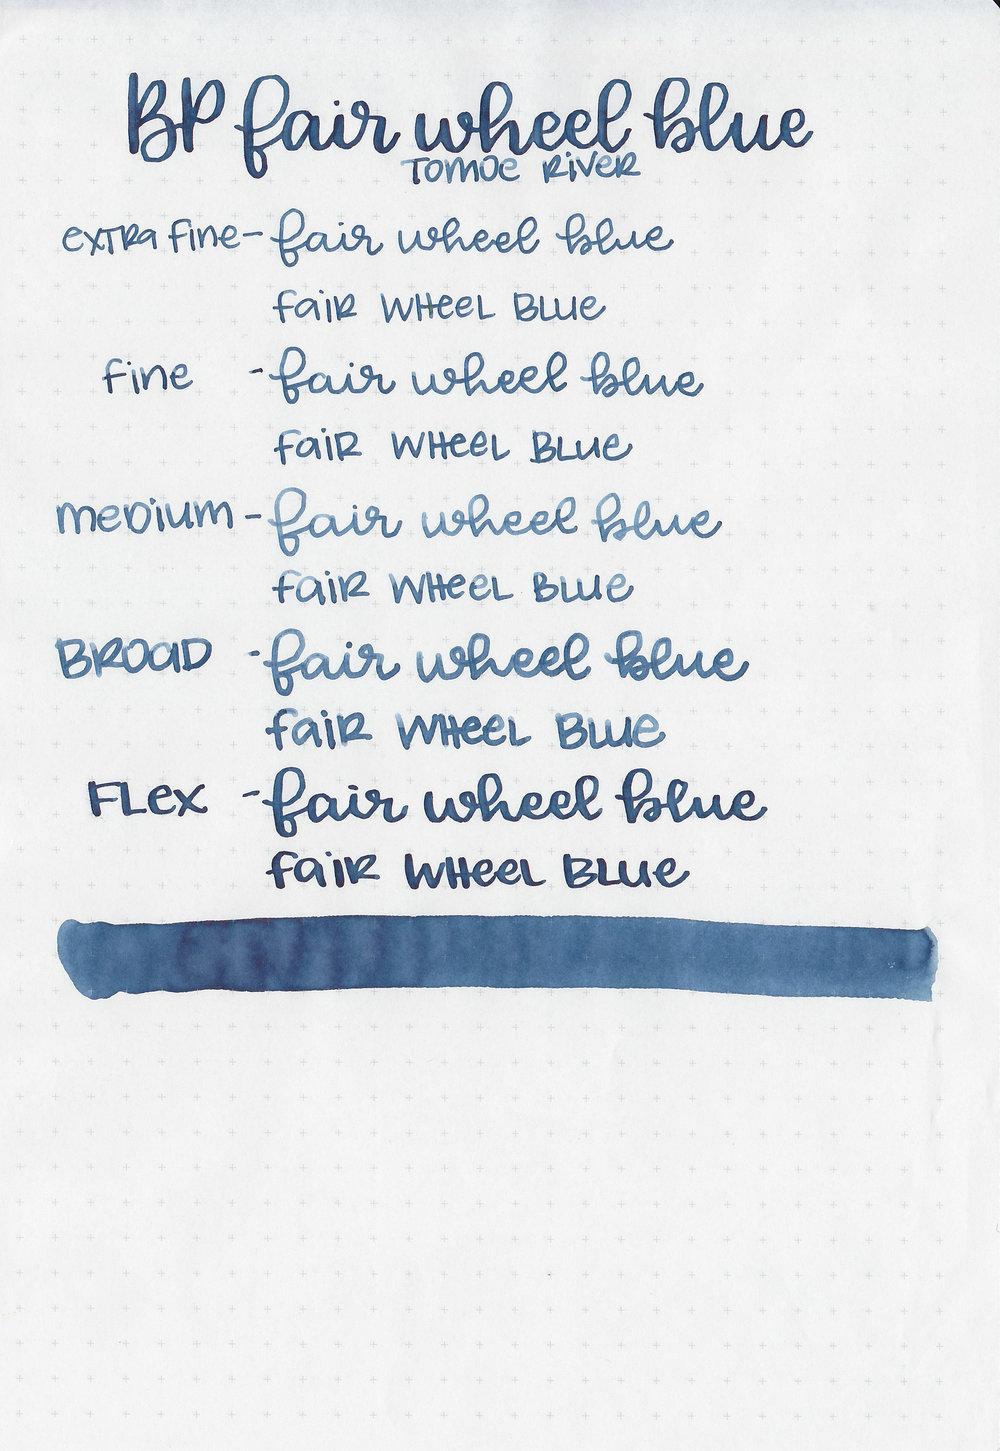 bp-fair-wheel-blue-10.jpg